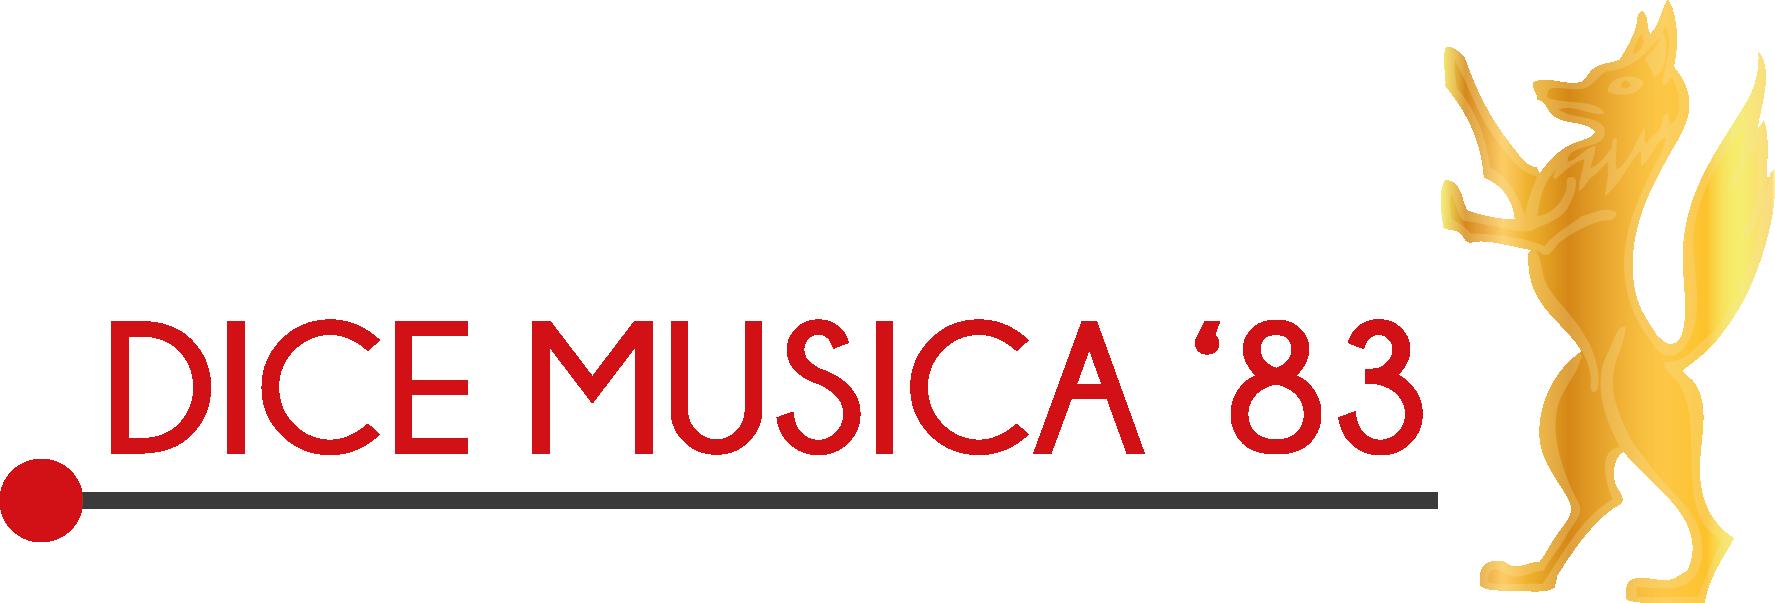 Drum- & Showband Dice Musica '83 – Aanschaf uniformering